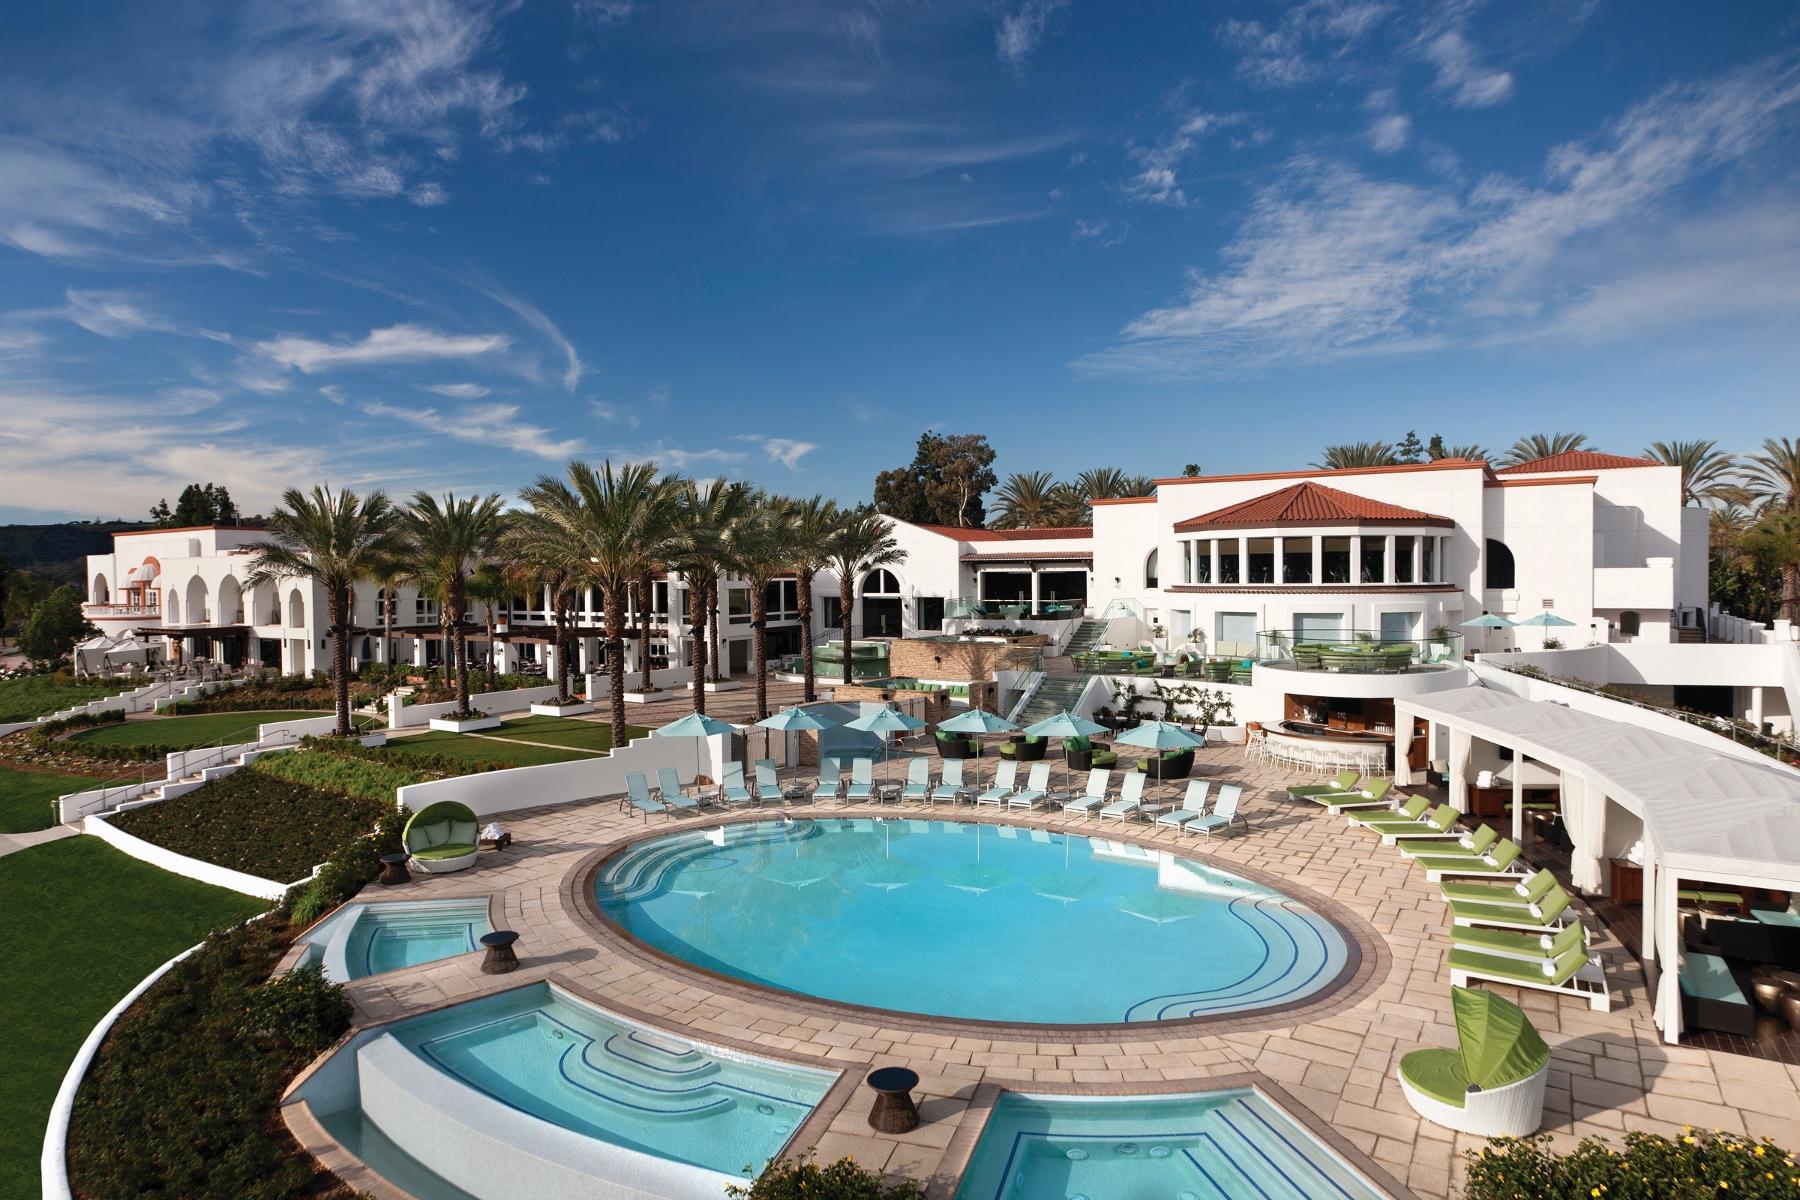 Αποτέλεσμα εικόνας για Associated Luxury Hotels International adds five new hotels to its West U.S. collection